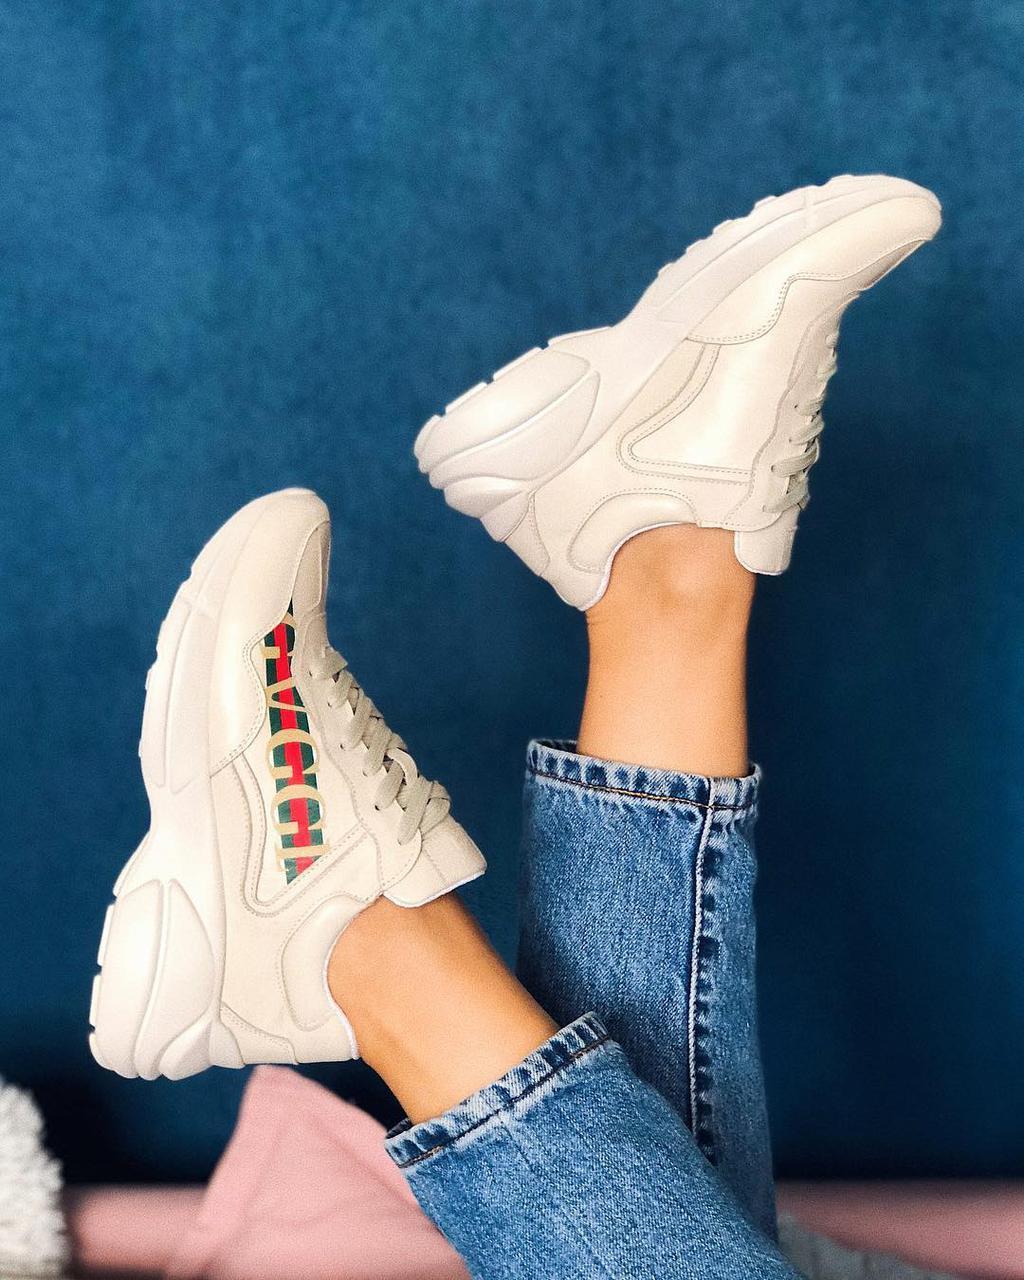 d29795925 Стильные женские кожаные кроссовки - Женская обувь купить в Харькове в  Харькове